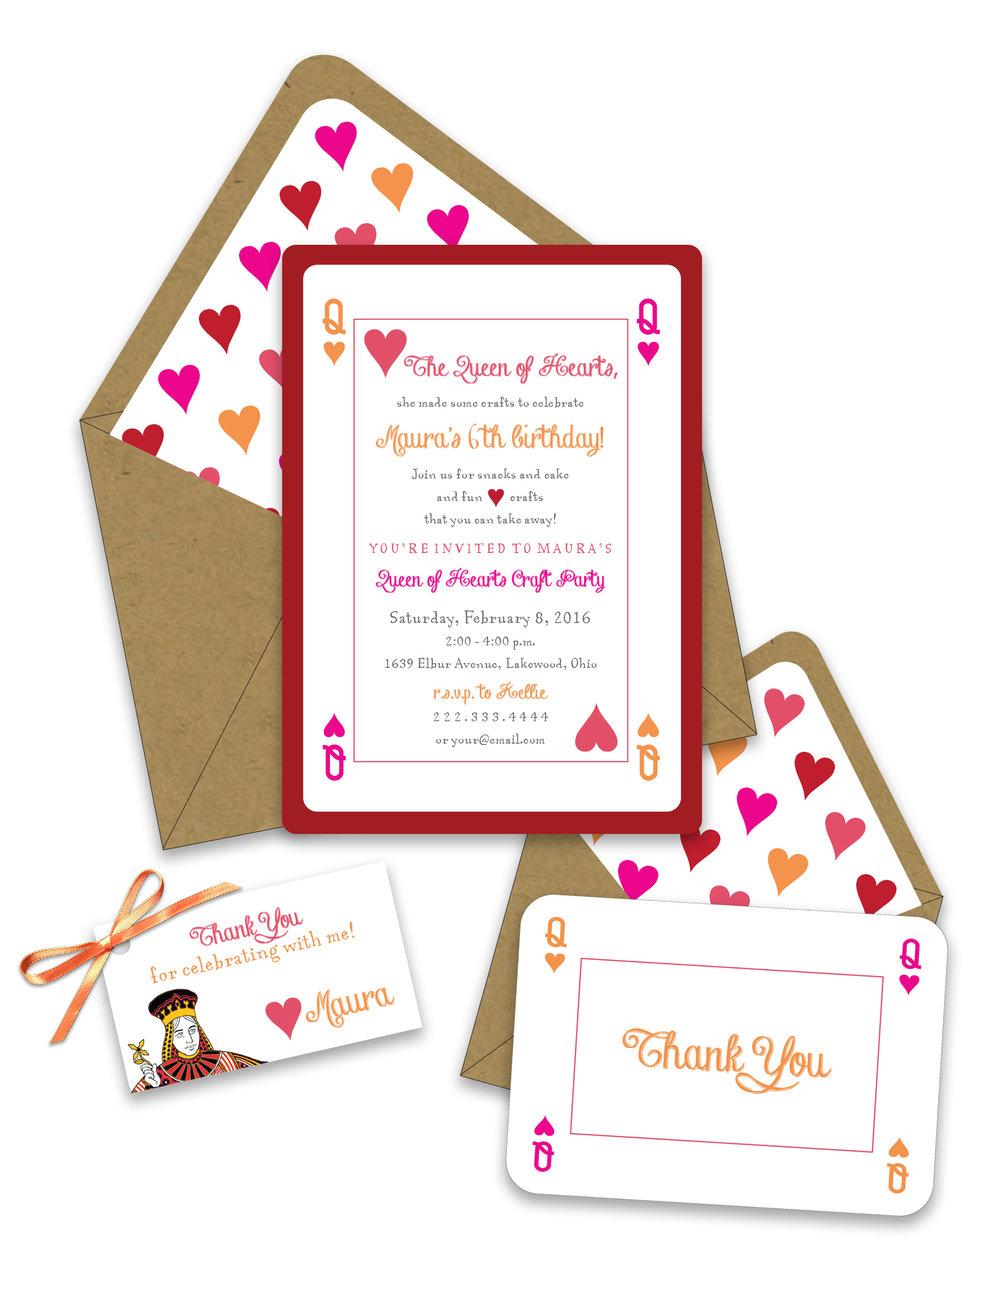 Queen of Hearts-Entire Suite.jpg